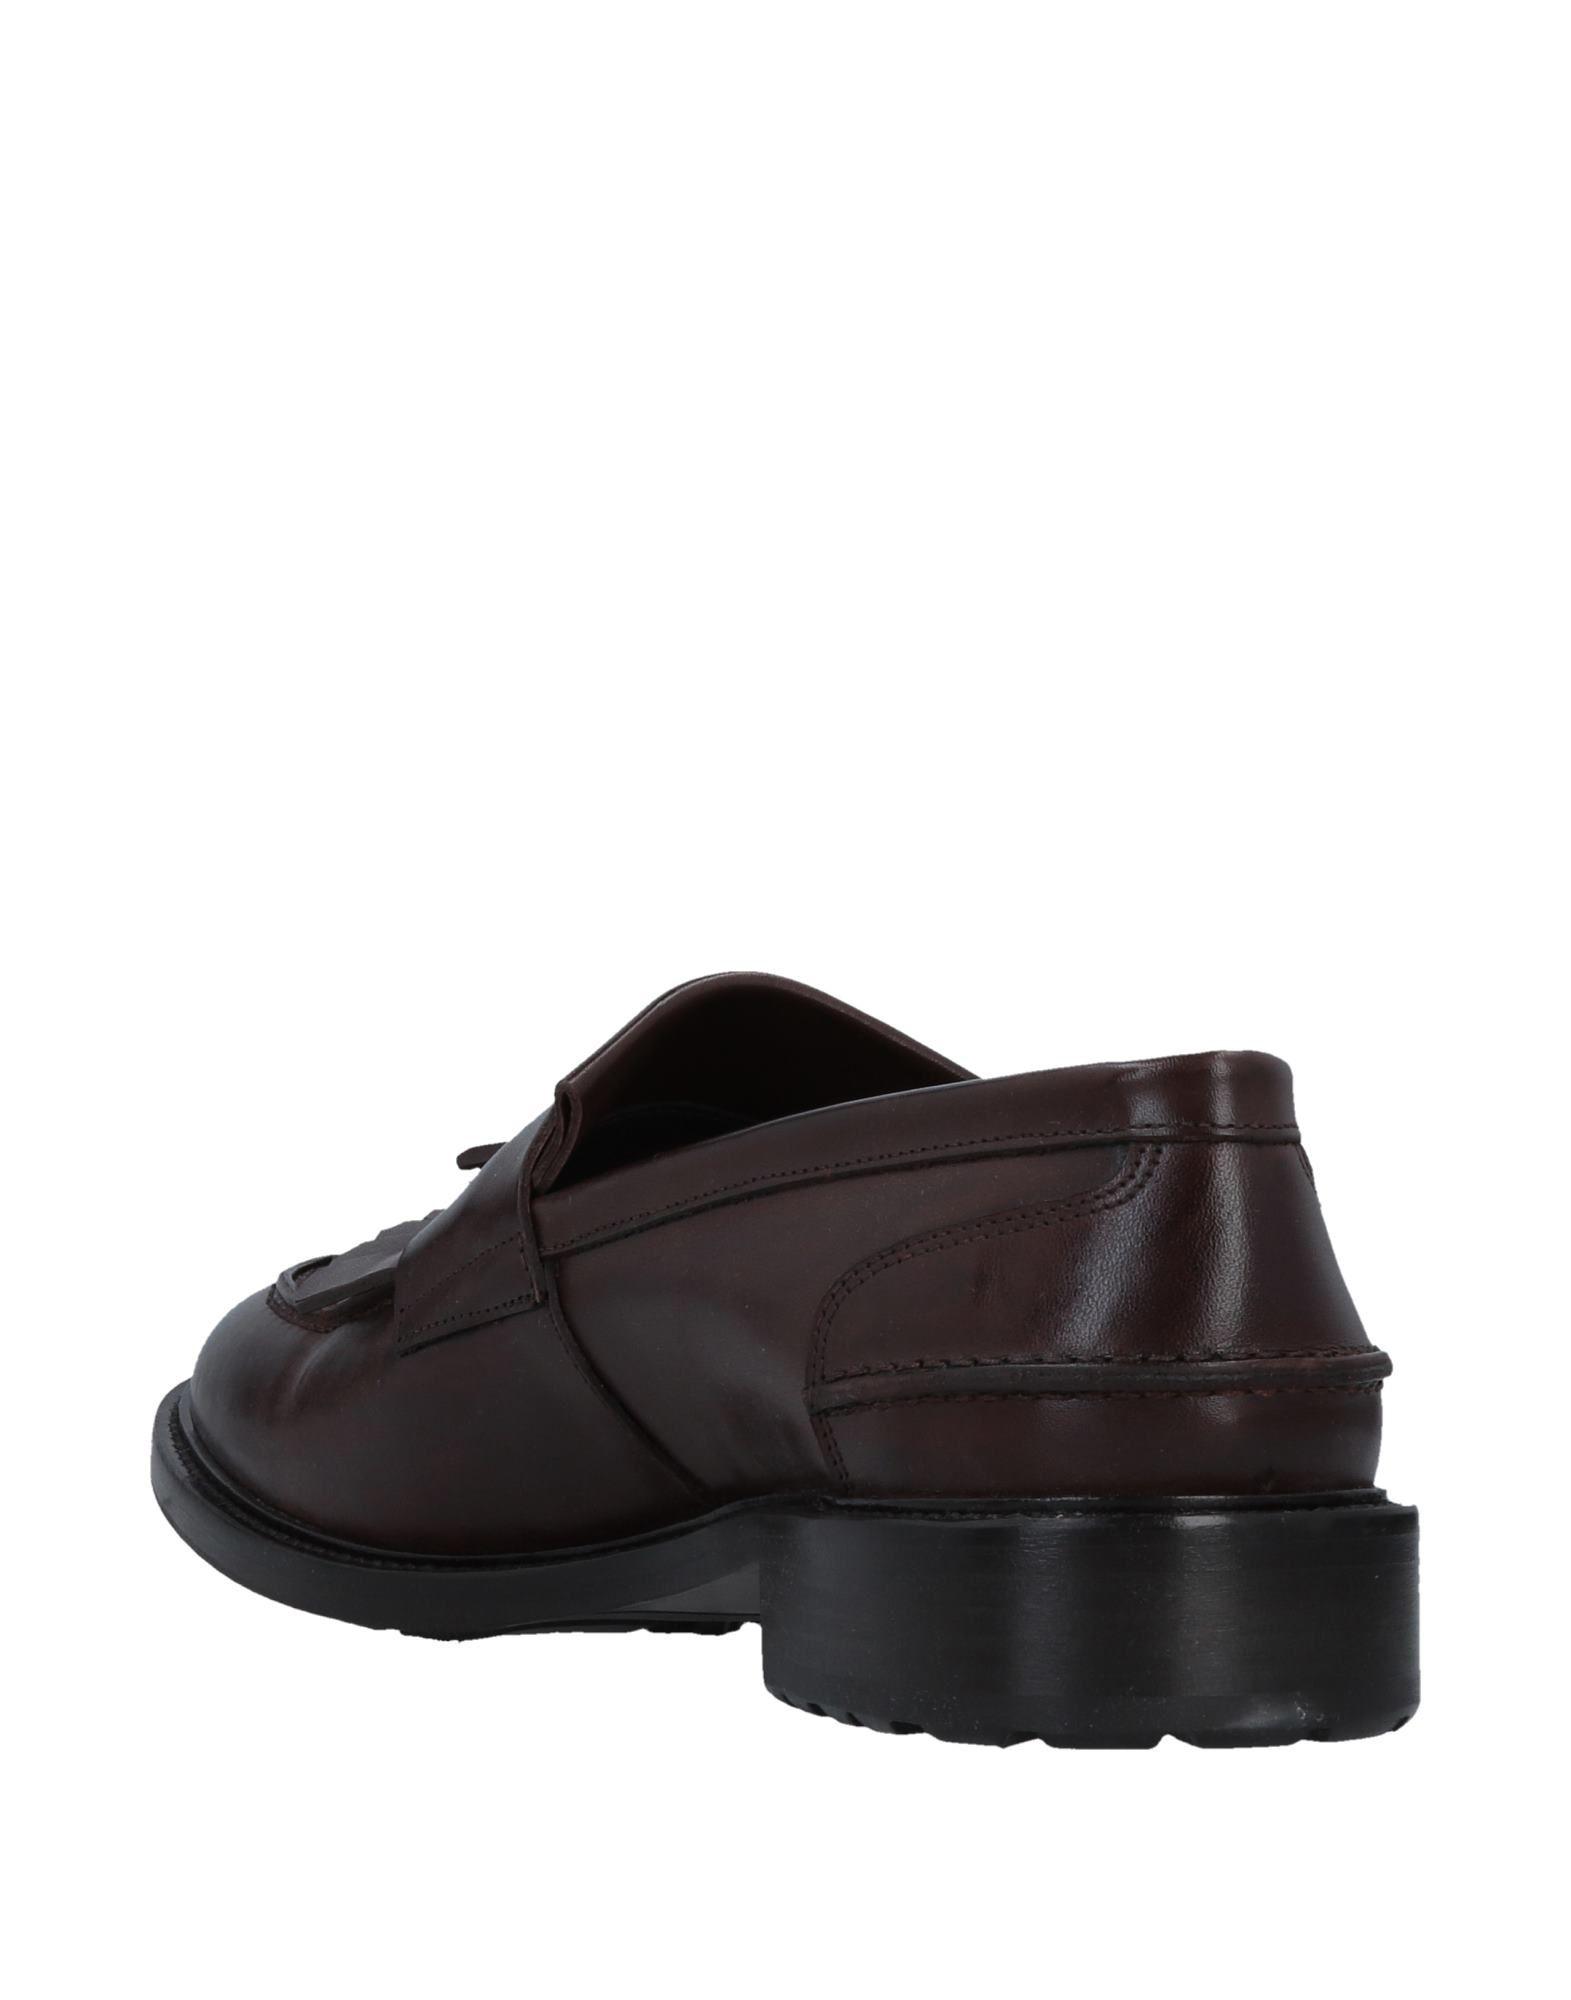 Rabatt Rabatt Rabatt echte Schuhe Bagatt Mokassins Herren  11510567UG 77ad0c